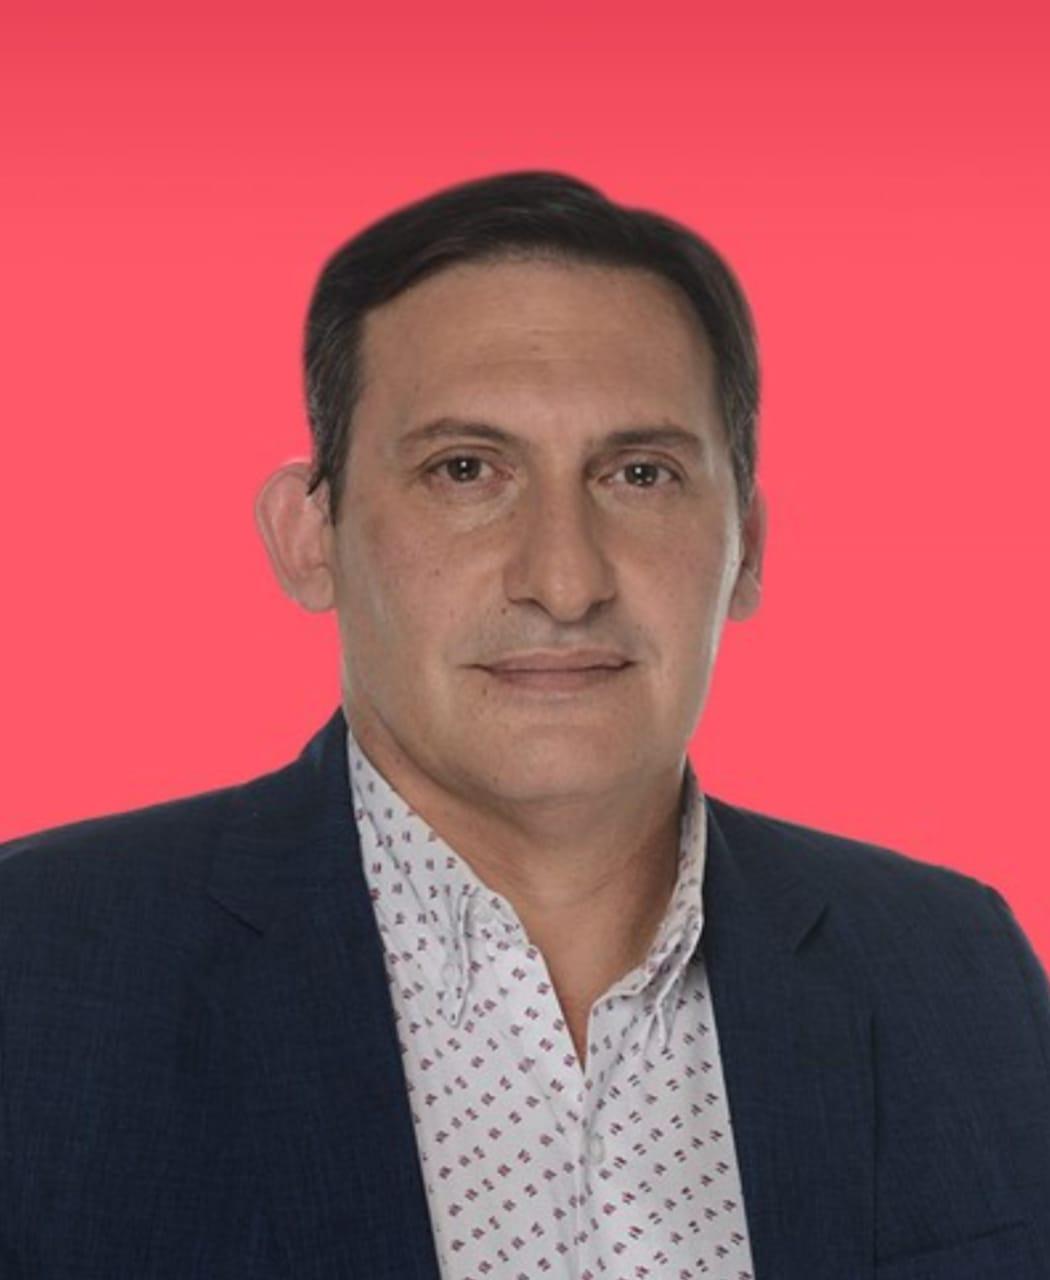 Paulo Kablan